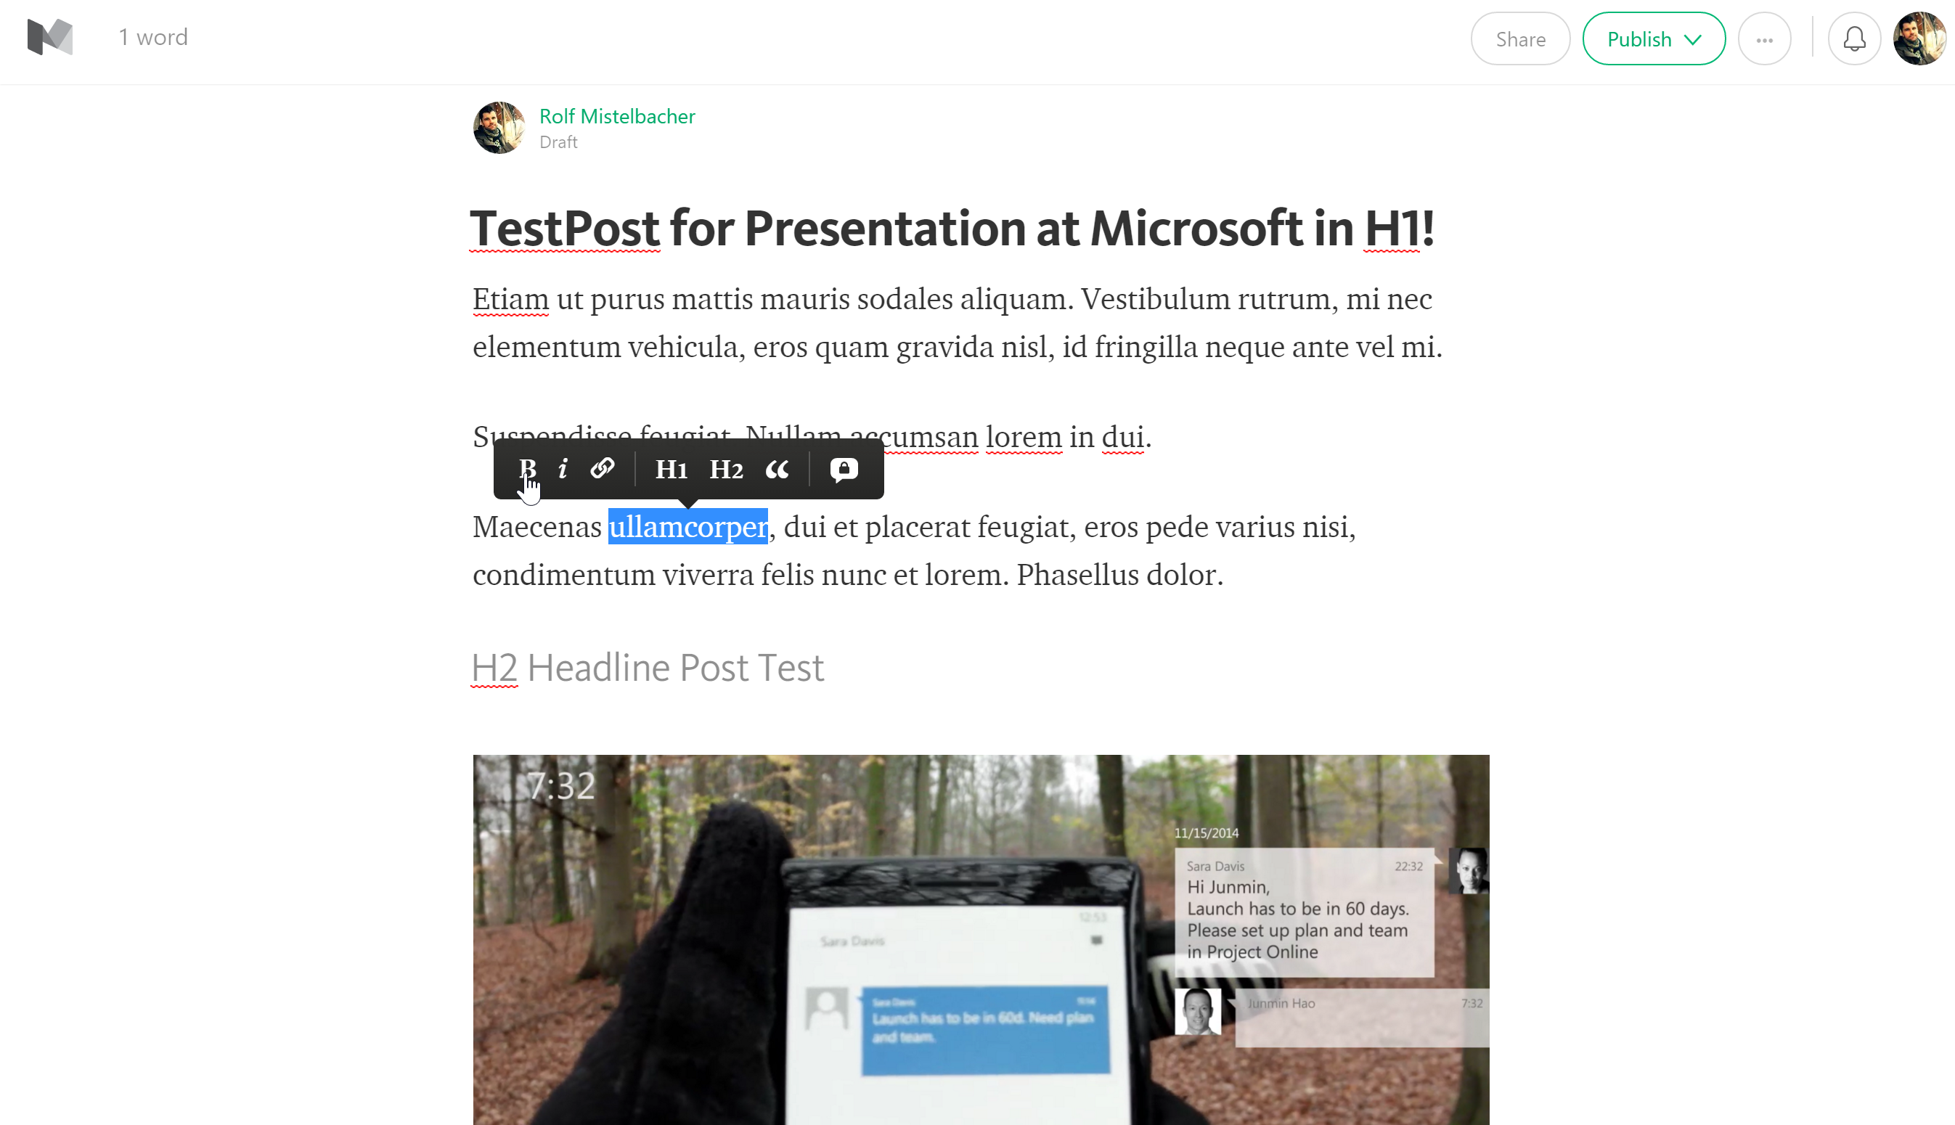 Medium.com Editor View